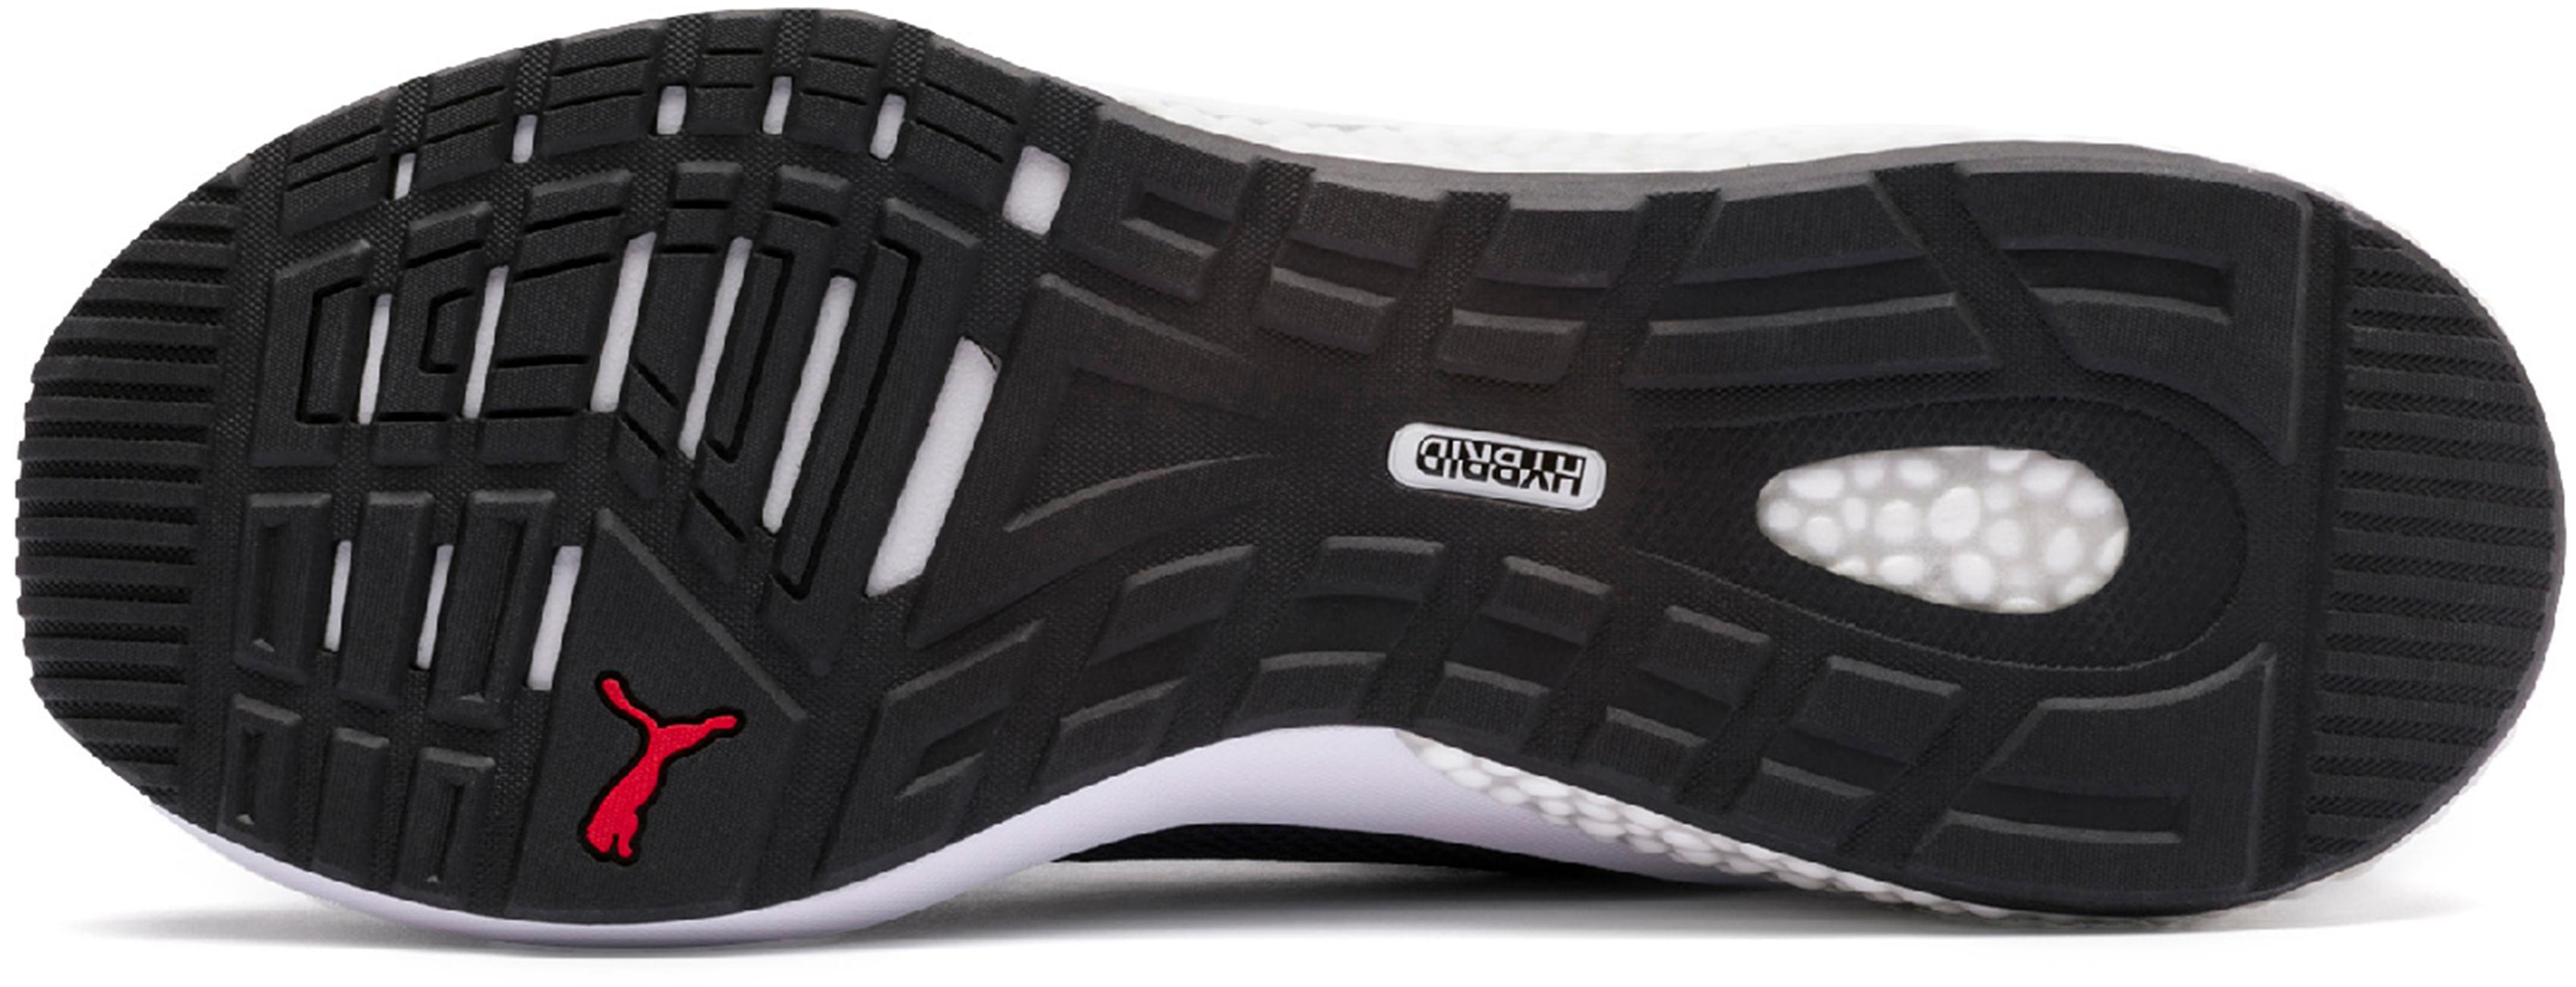 PUMA Hybrid NX Fitnessschuhe Herren puma black high risk red blazi im Online Shop von SportScheck kaufen